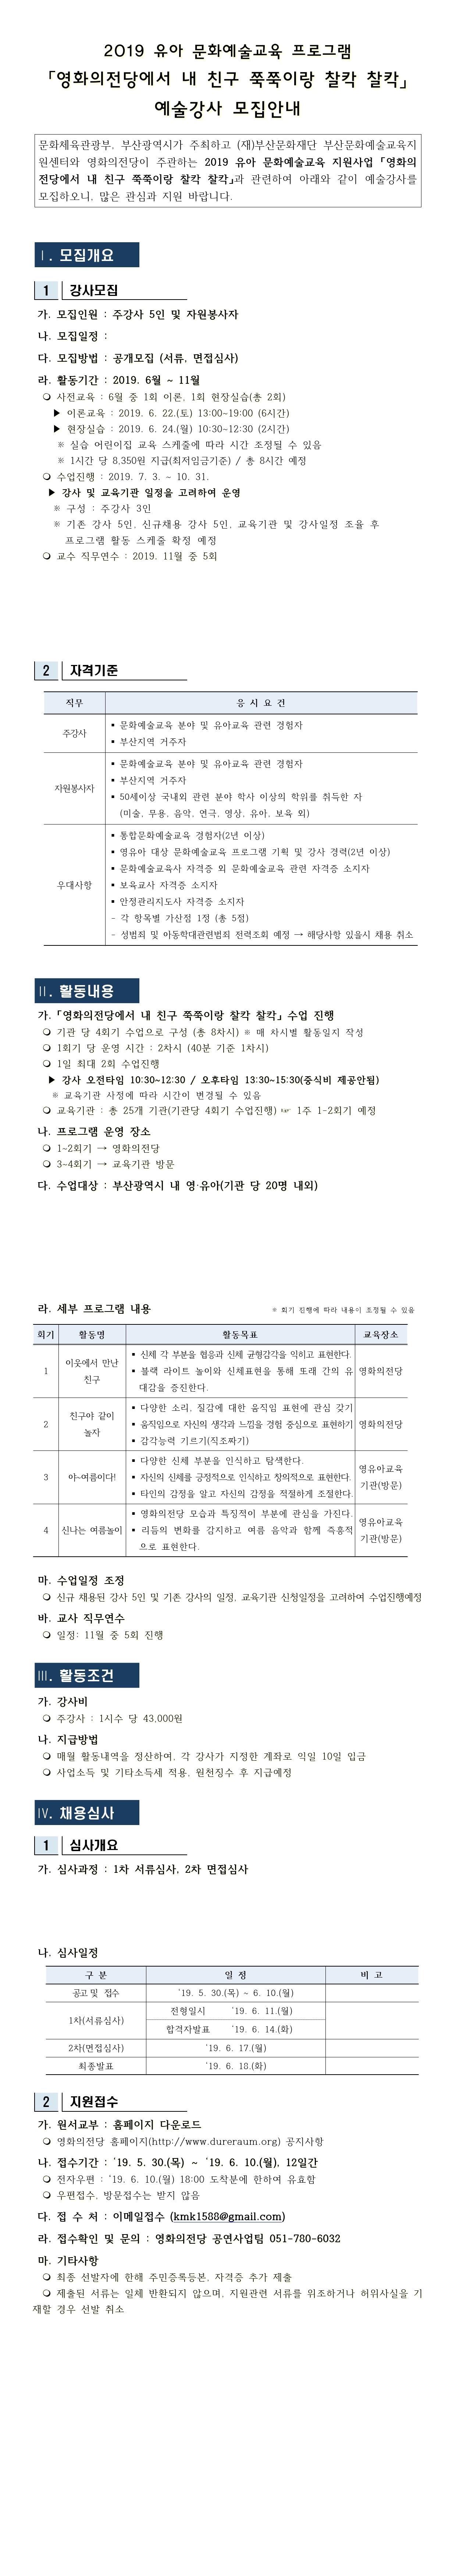 2019 유아 문화예술교육 프로그램「영화의전당에서 내 친구 쭉쭉이랑 찰칵 찰칵」예술강사 모집안내